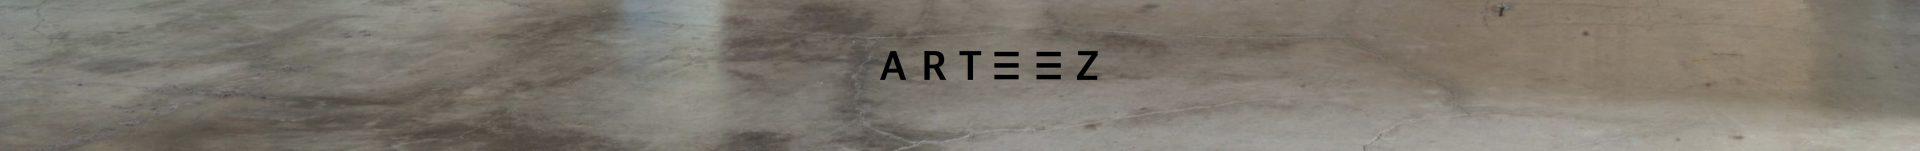 cropped-arteez_logo_marbre1.jpg